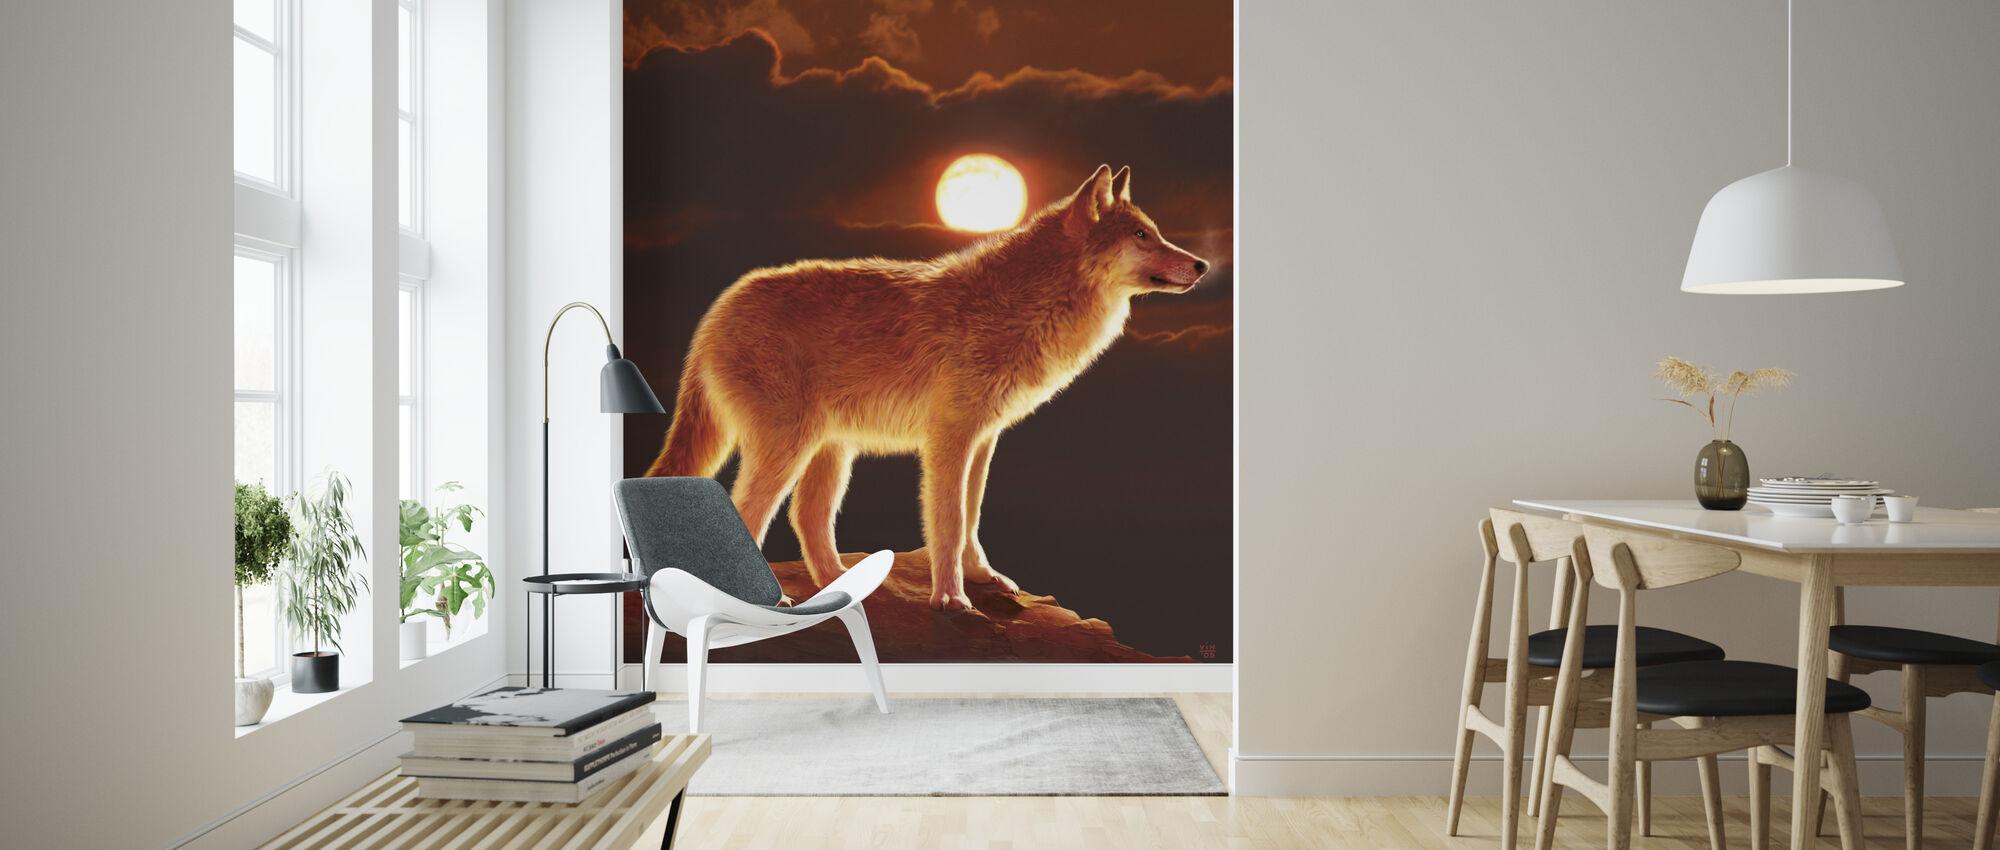 Sunset Wolf - Tapetti - Olohuone